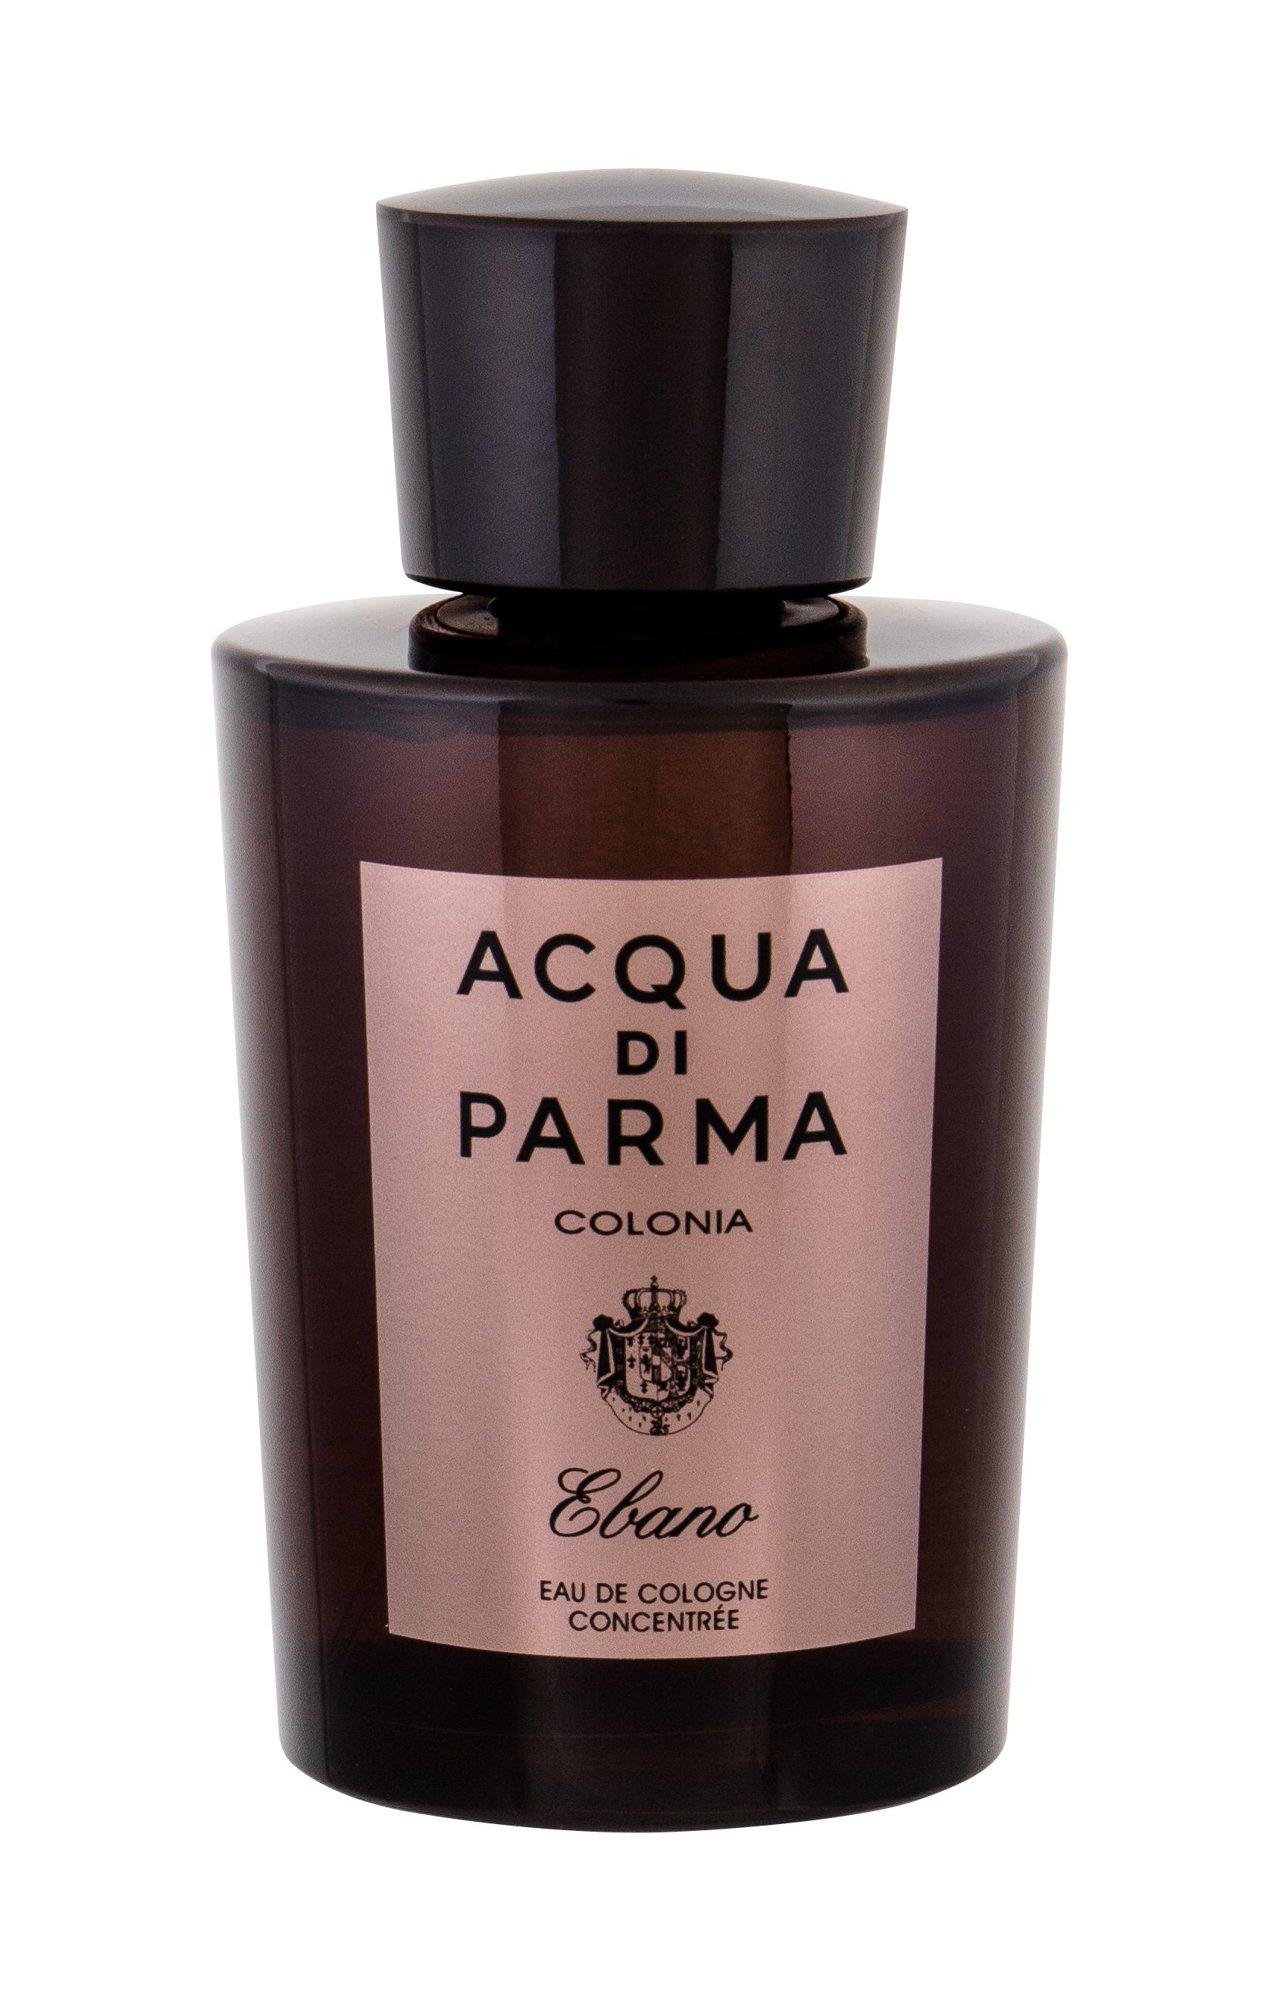 Acqua di Parma Colonia Ebano, Kolínska voda 100ml - Tester